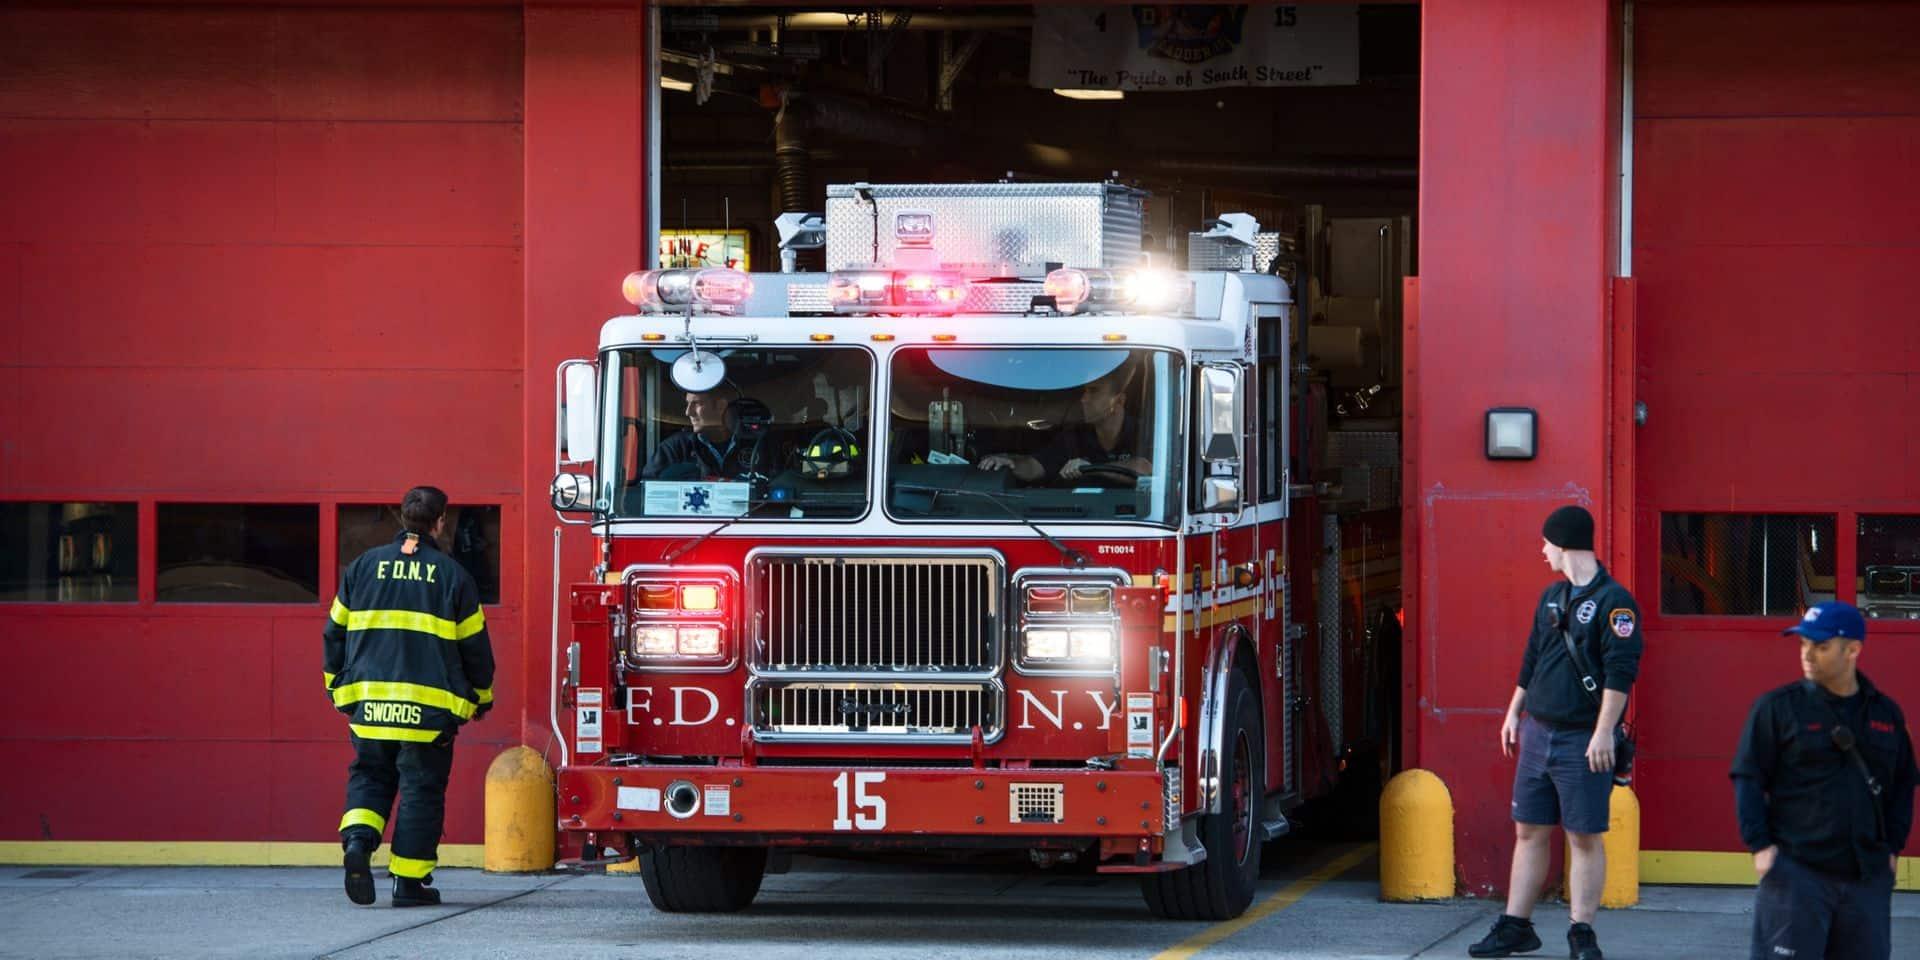 Incendie d'un immeuble à Harlem: 21 pompiers new-yorkais blessés